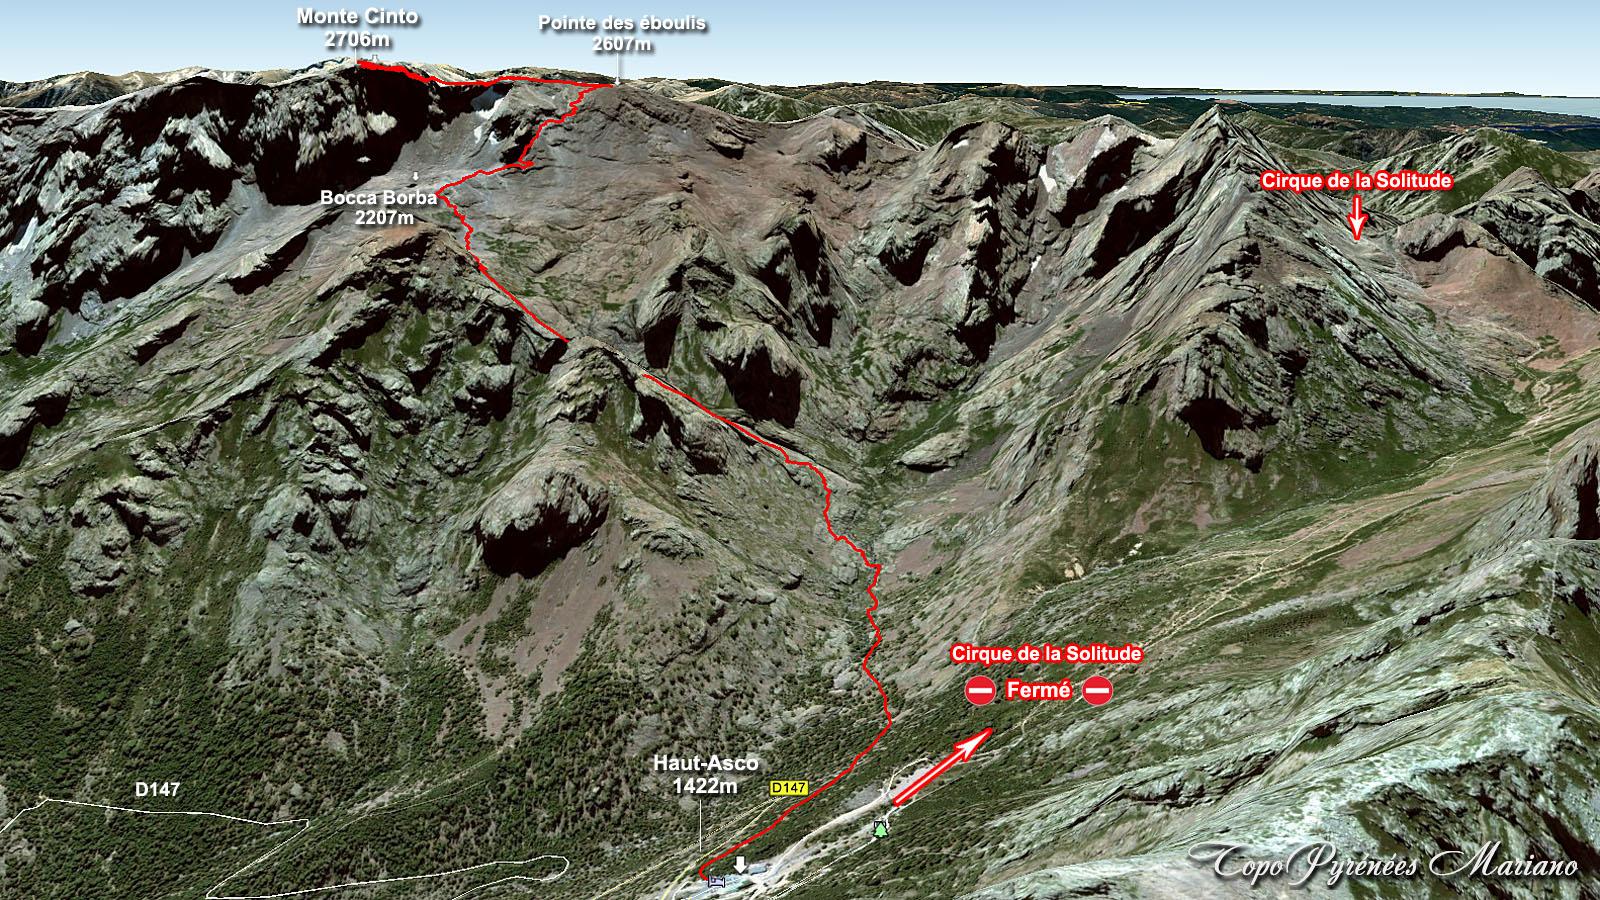 Carte Corse Monte Cinto.Randonnee Monte Cinto 2706m Gr20 Corse Les Topos